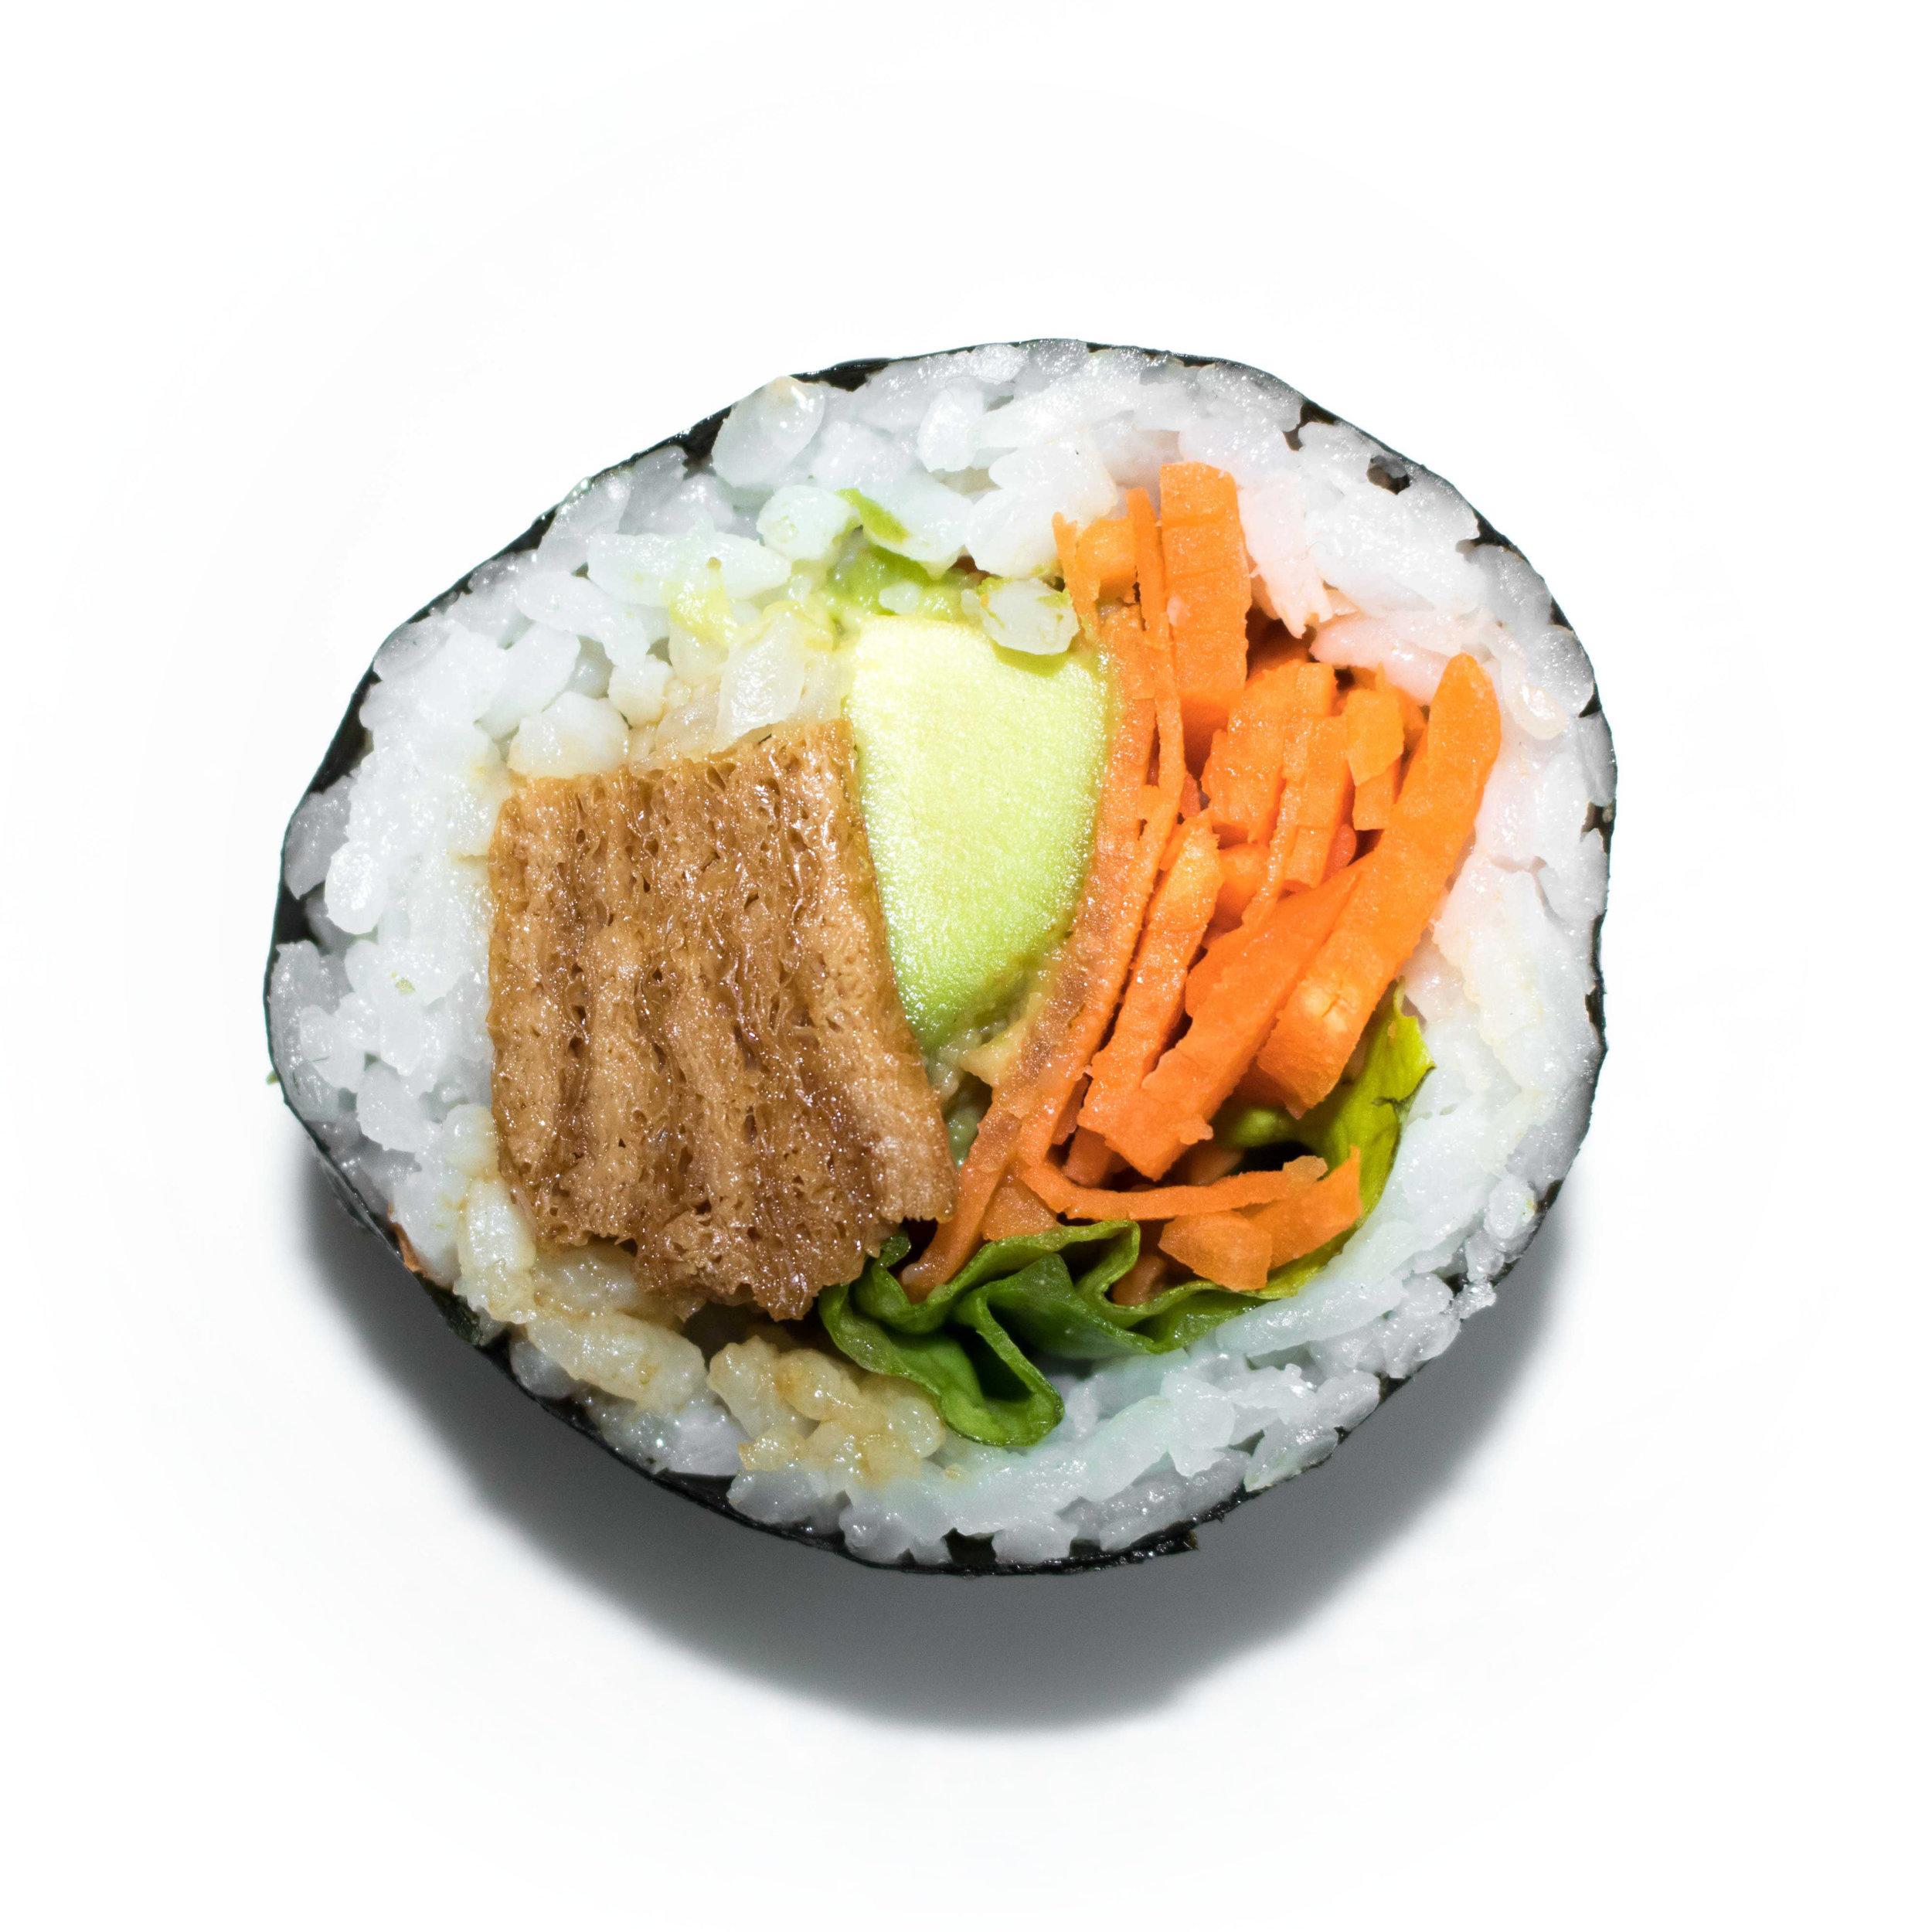 inari mixed vege maki